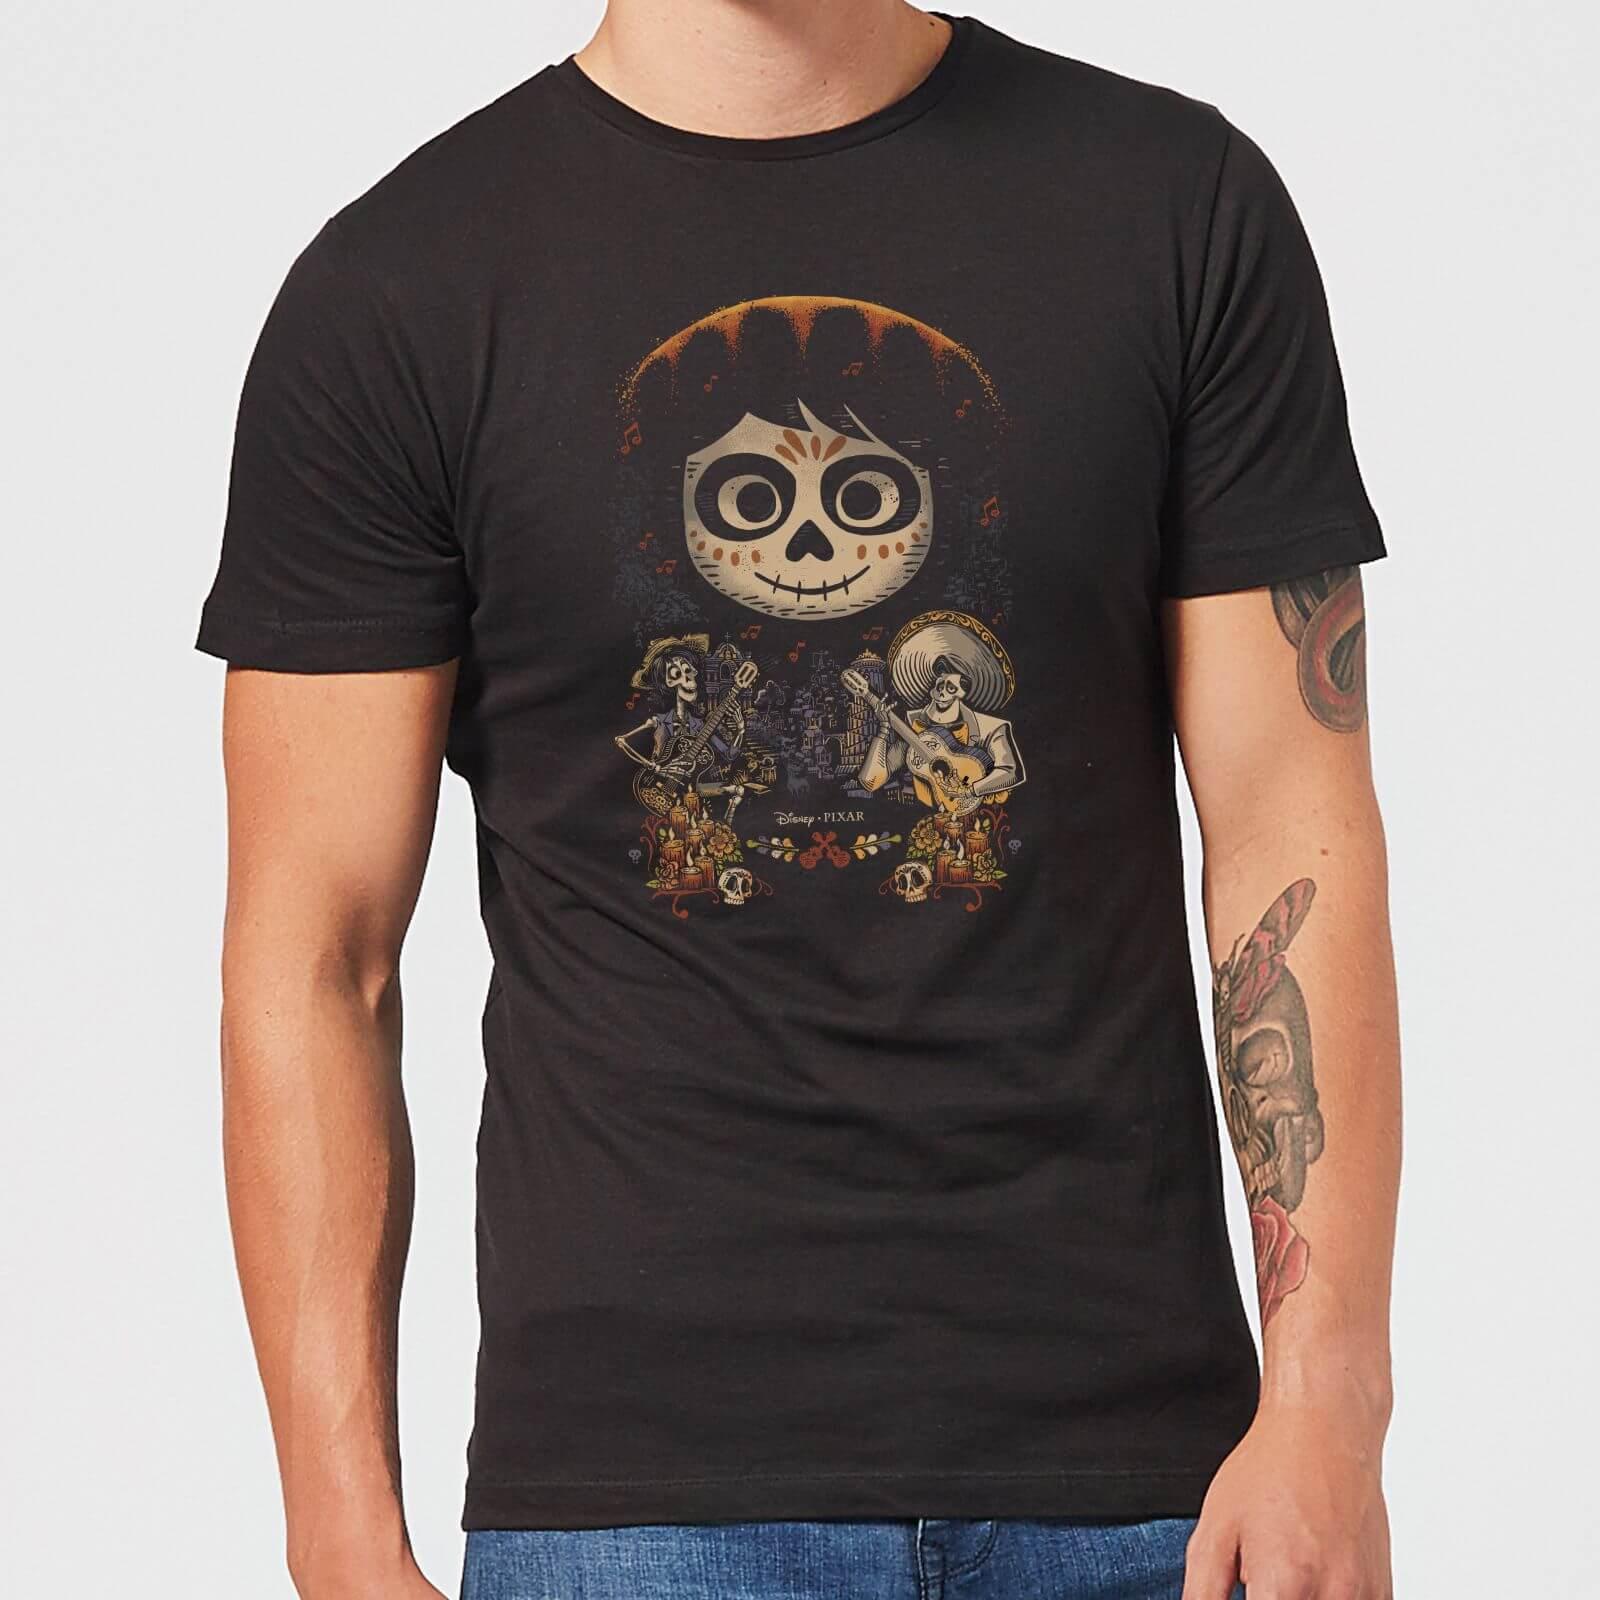 Pixar T-Shirt Homme Visage Miguel Poster Coco - Noir - XL - Noir